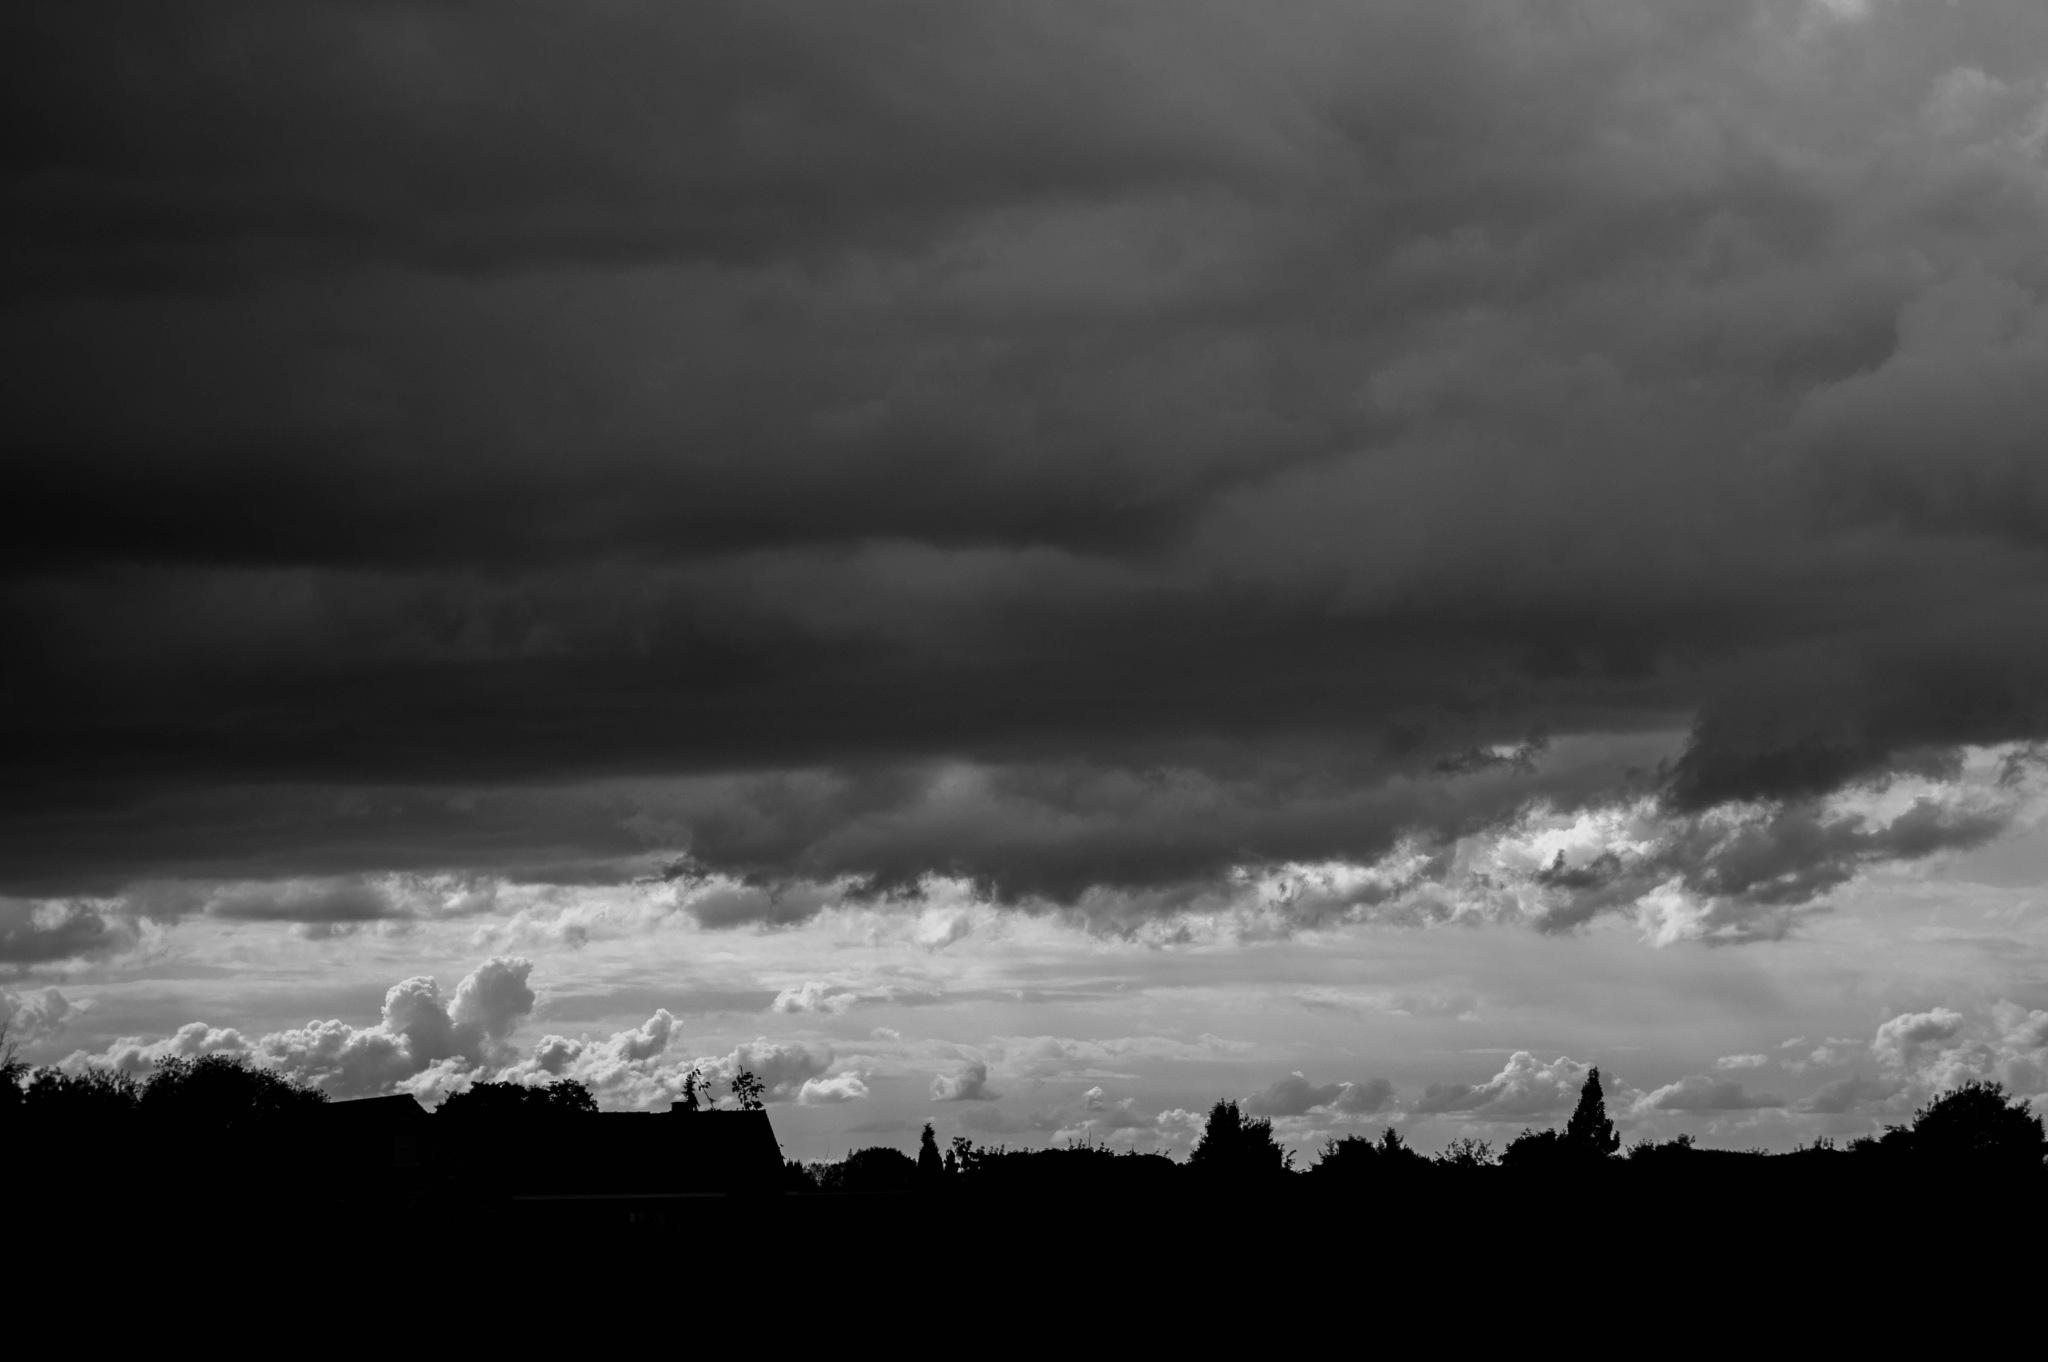 Cloudy skyline by Milenka Derumeaux